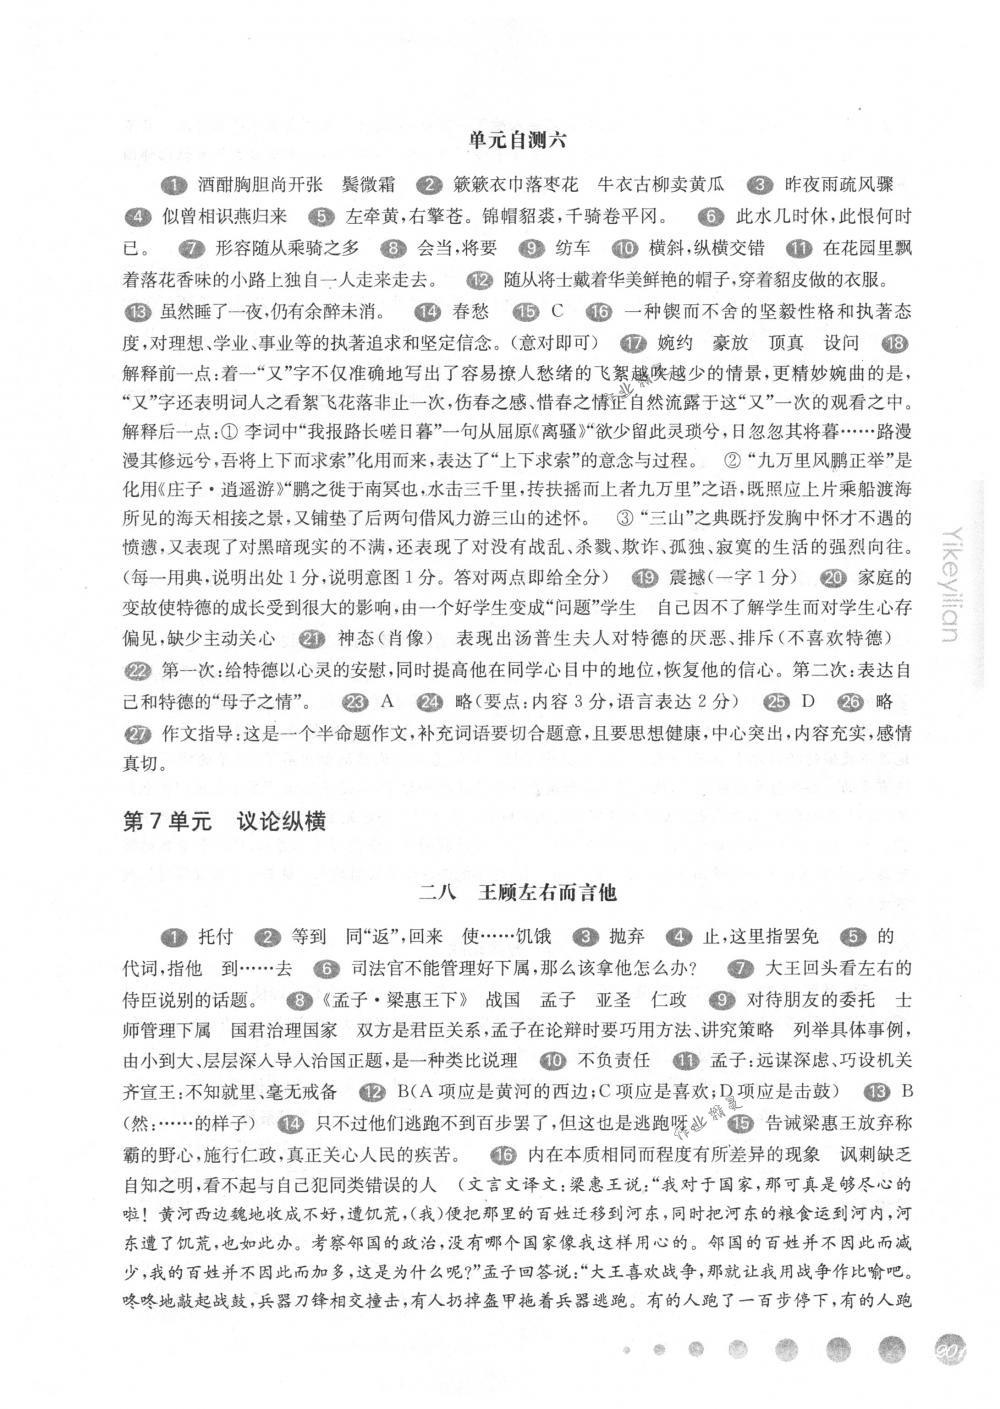 2018年华东师大版一课一练七年级语文第二学期沪教版第15页